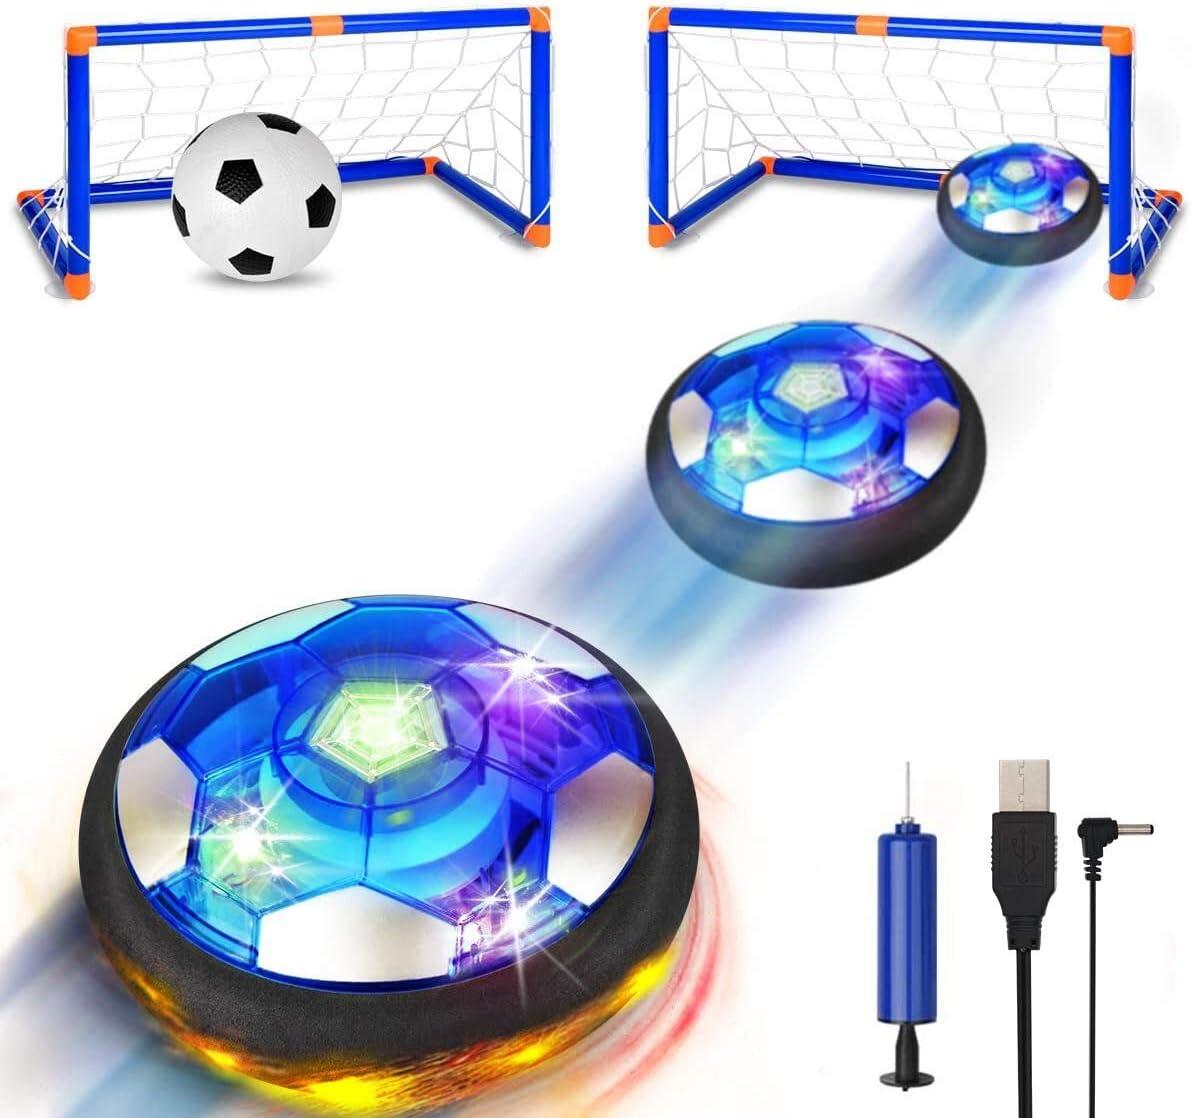 SUNNOW Air Power Soccer - Balón Fútbol Flotant Recargable Pelota Futbol con Soft Foam Bumpers y Luces LED Juguetes Aire Fútbol Juguete Balón de Fútbol para Niños Niñas Regalos Cumpleaños (Azul)